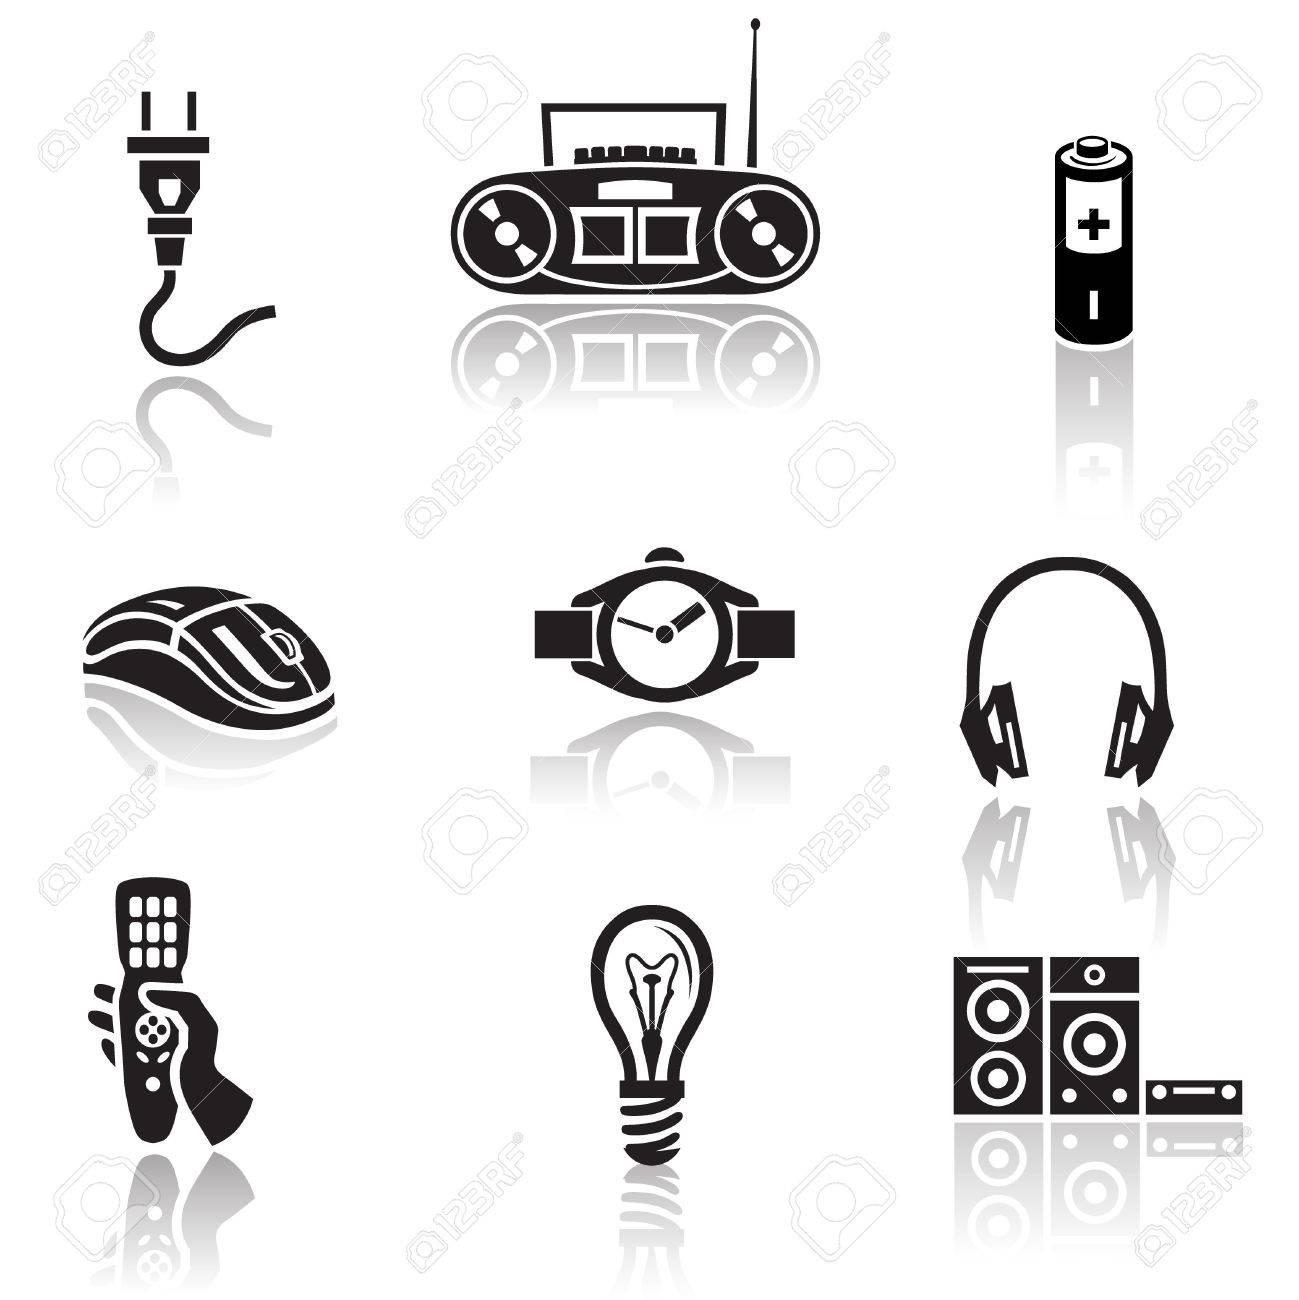 Ziemlich Schematische Symbole In Der Elektronik Fotos - Die Besten ...